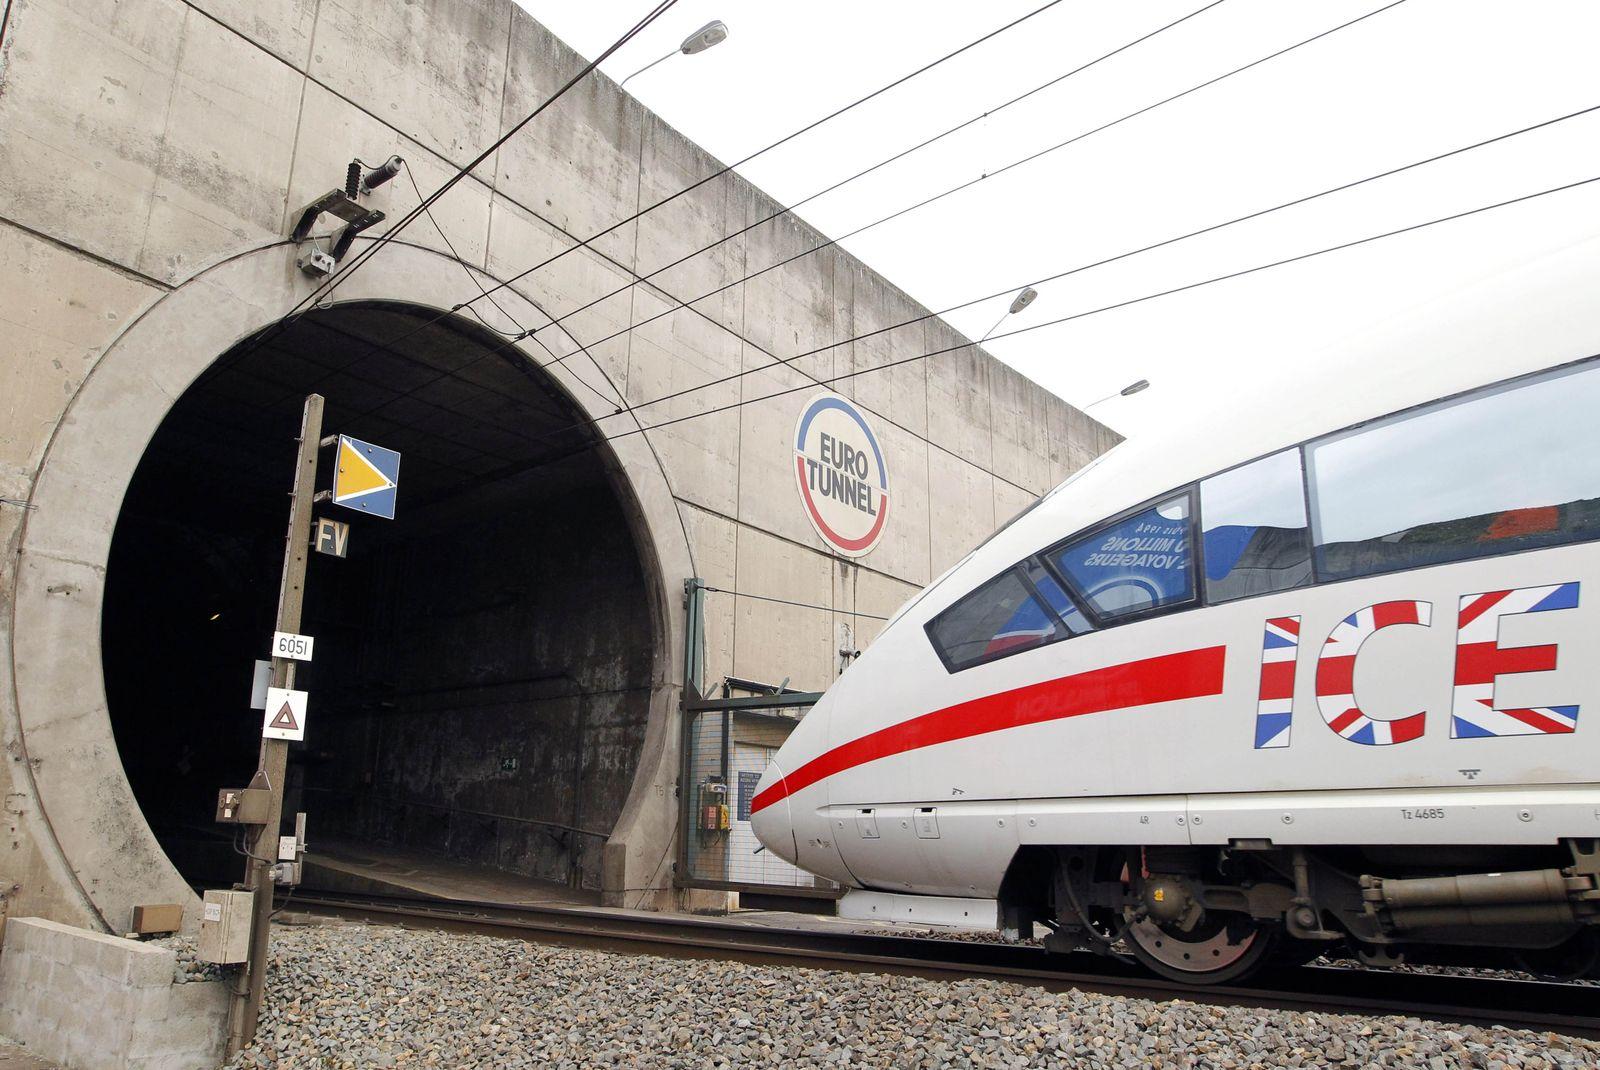 Frankreich Eurotunnel